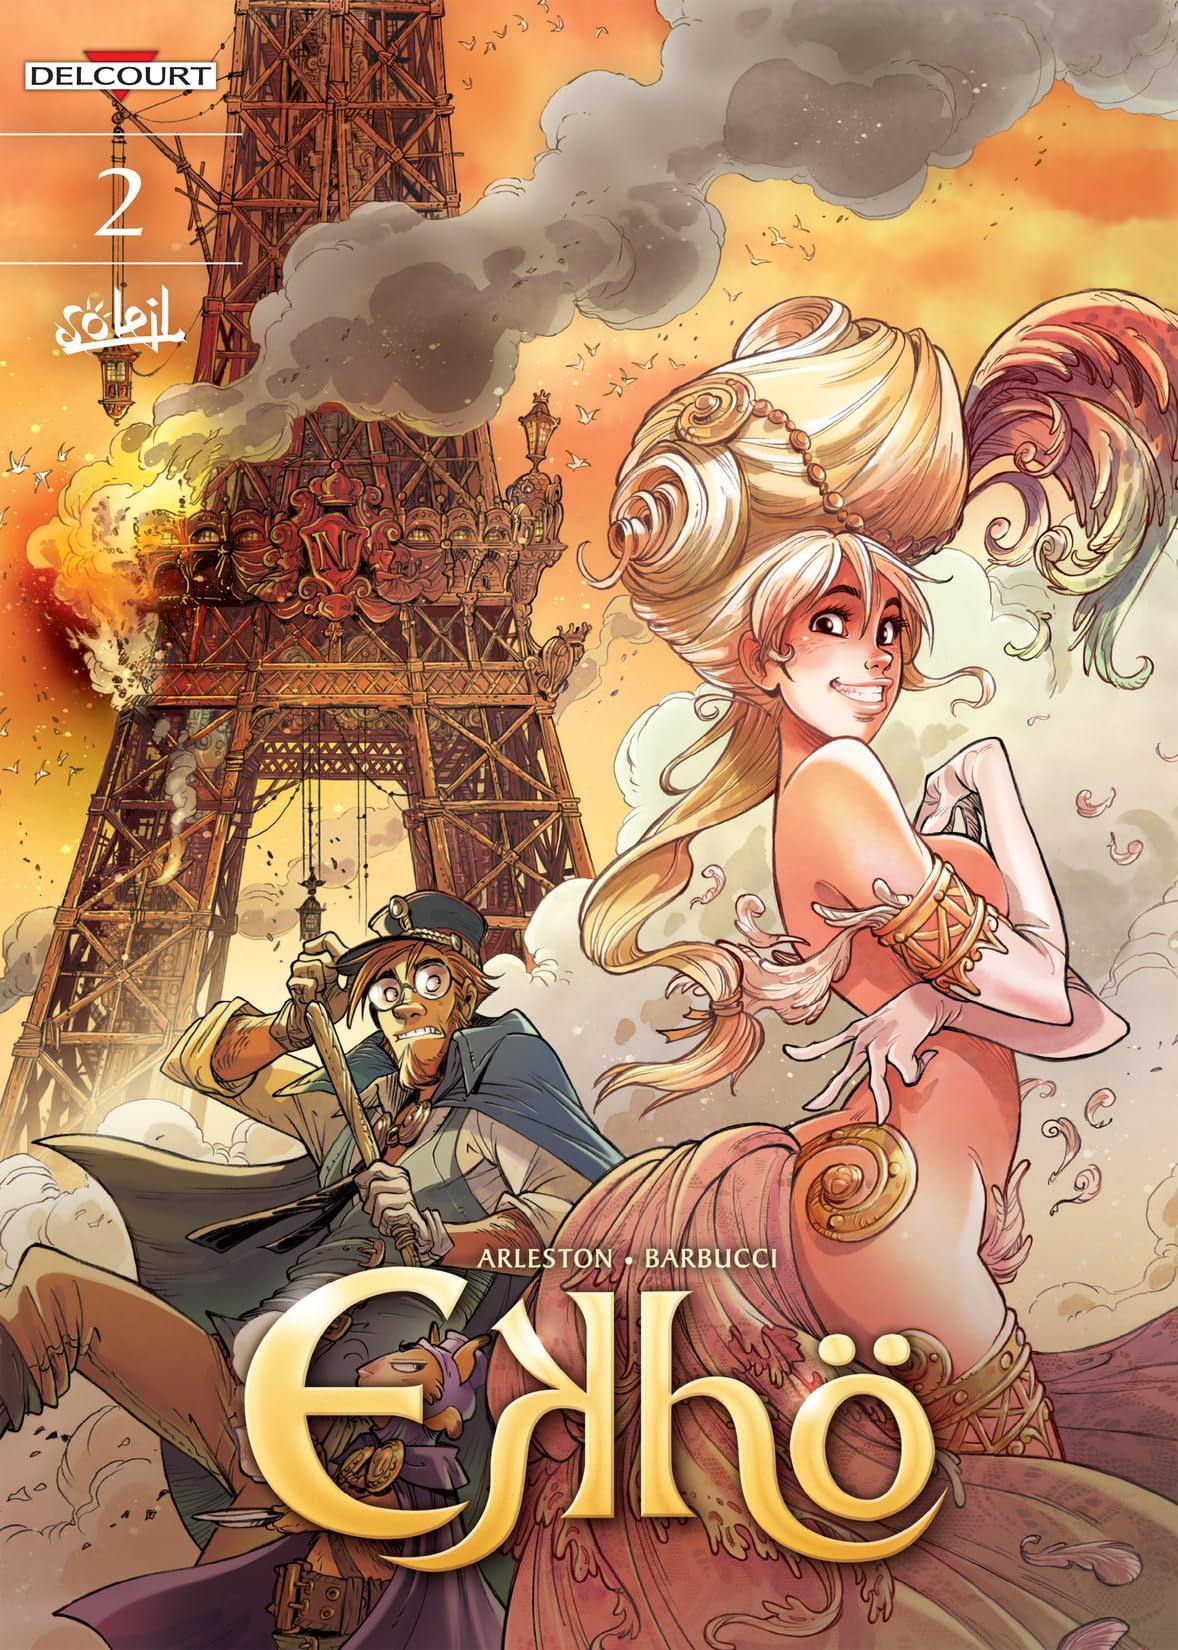 Ekho Vol. 2: Paris Empire